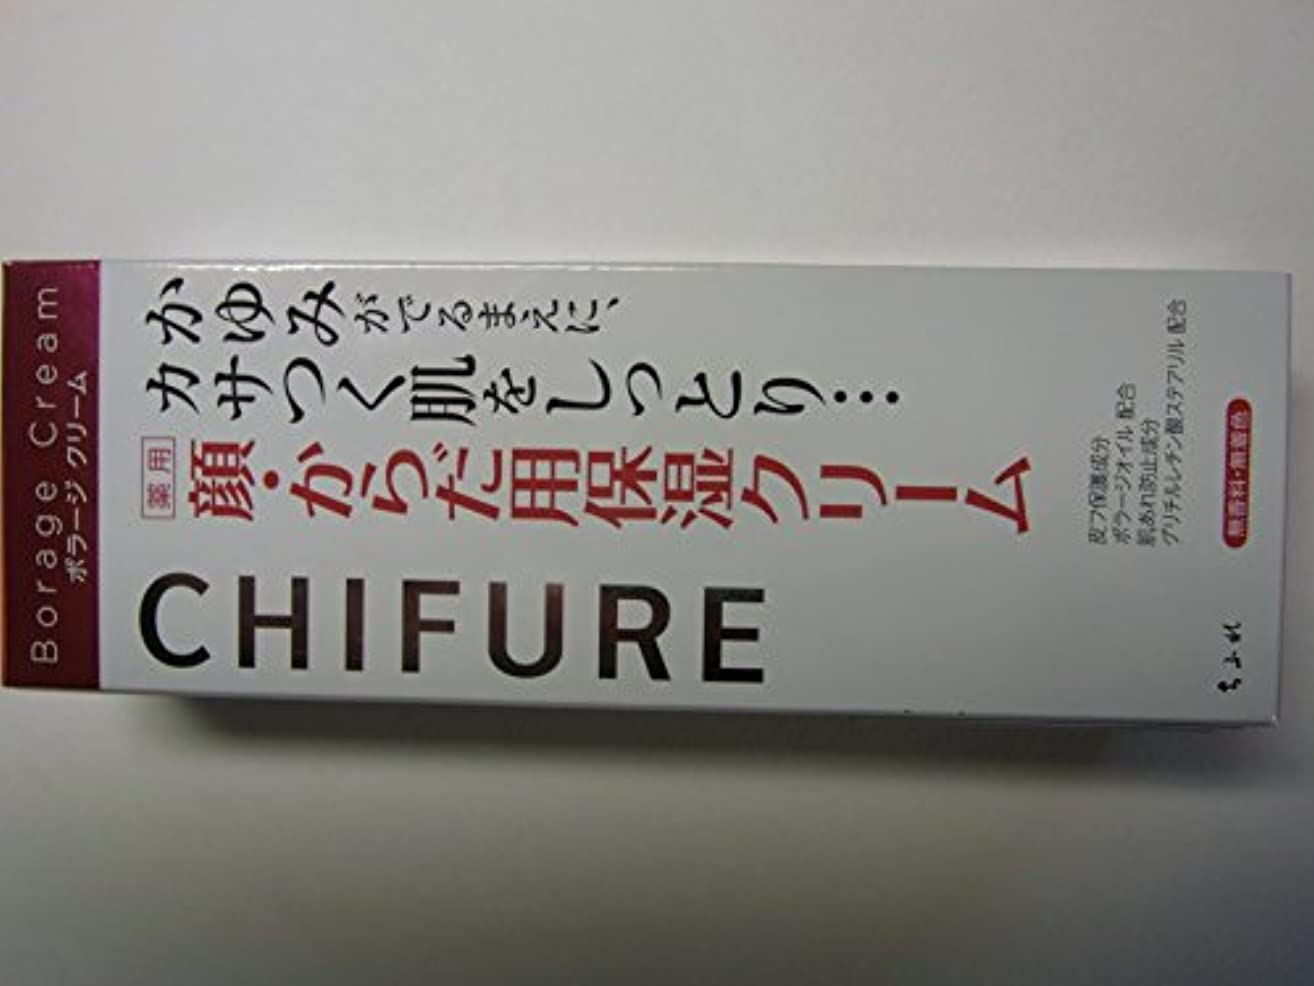 報いる甲虫ウールちふれ化粧品 ボラージ クリーム ボラージクリーム